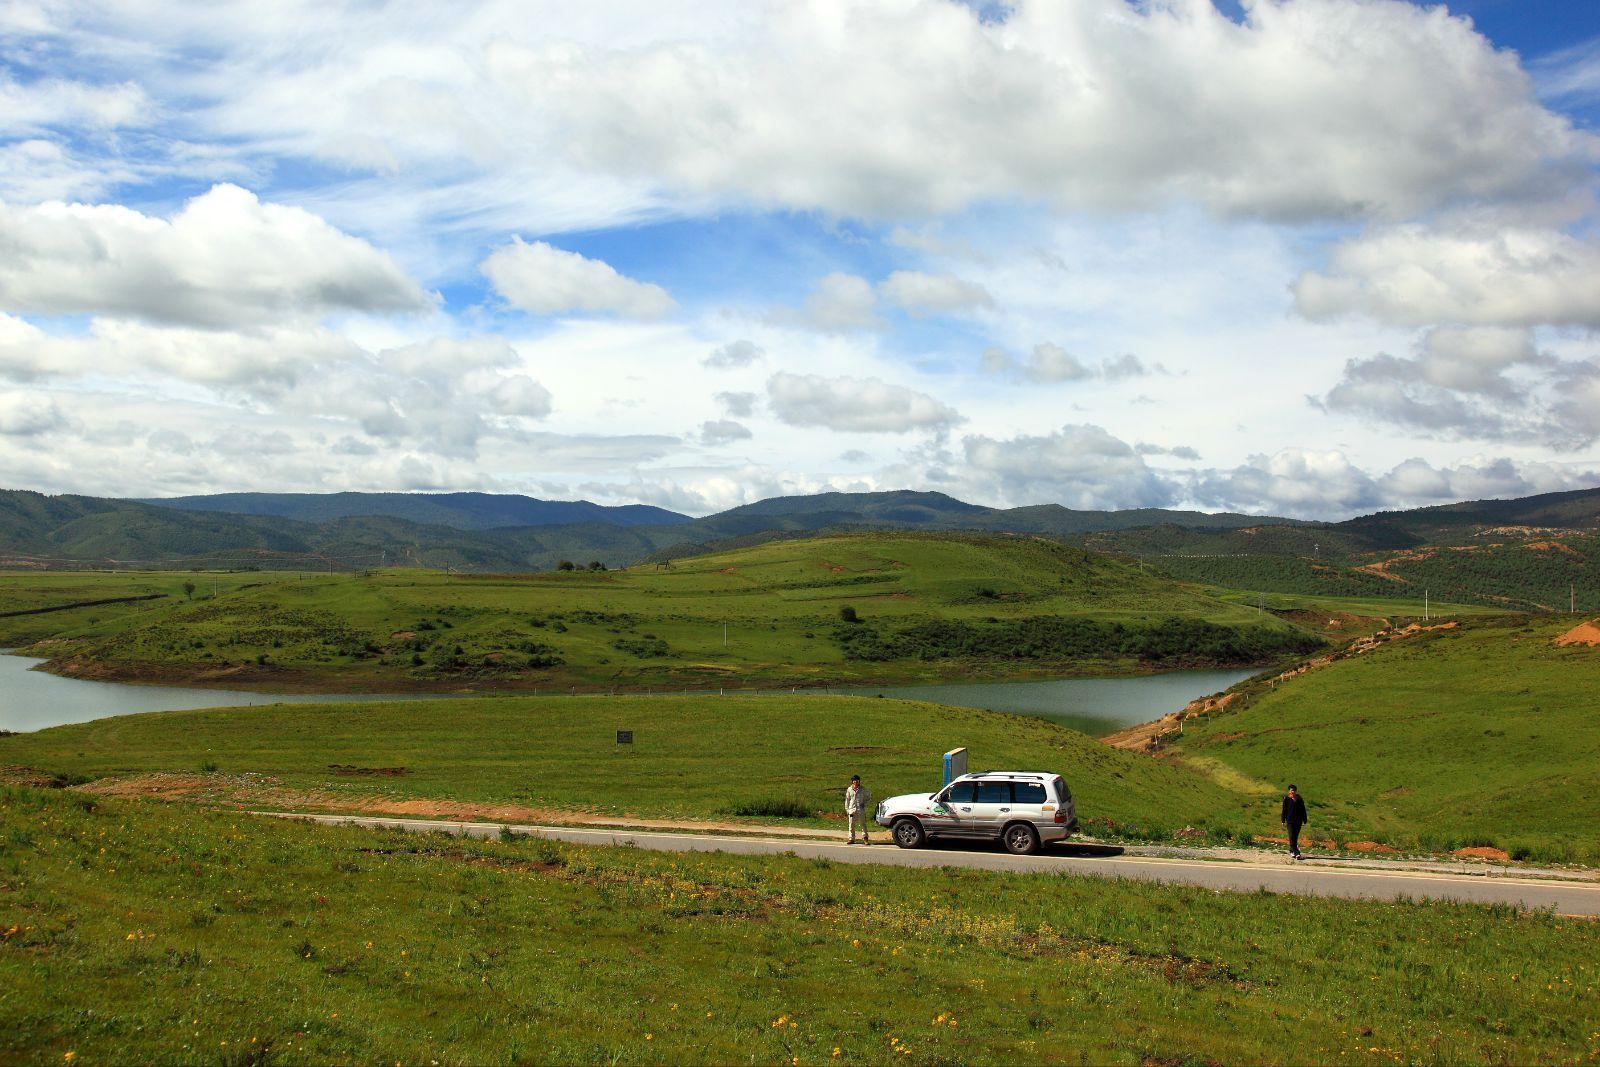 香格里拉  普达措国家公园位于滇西北